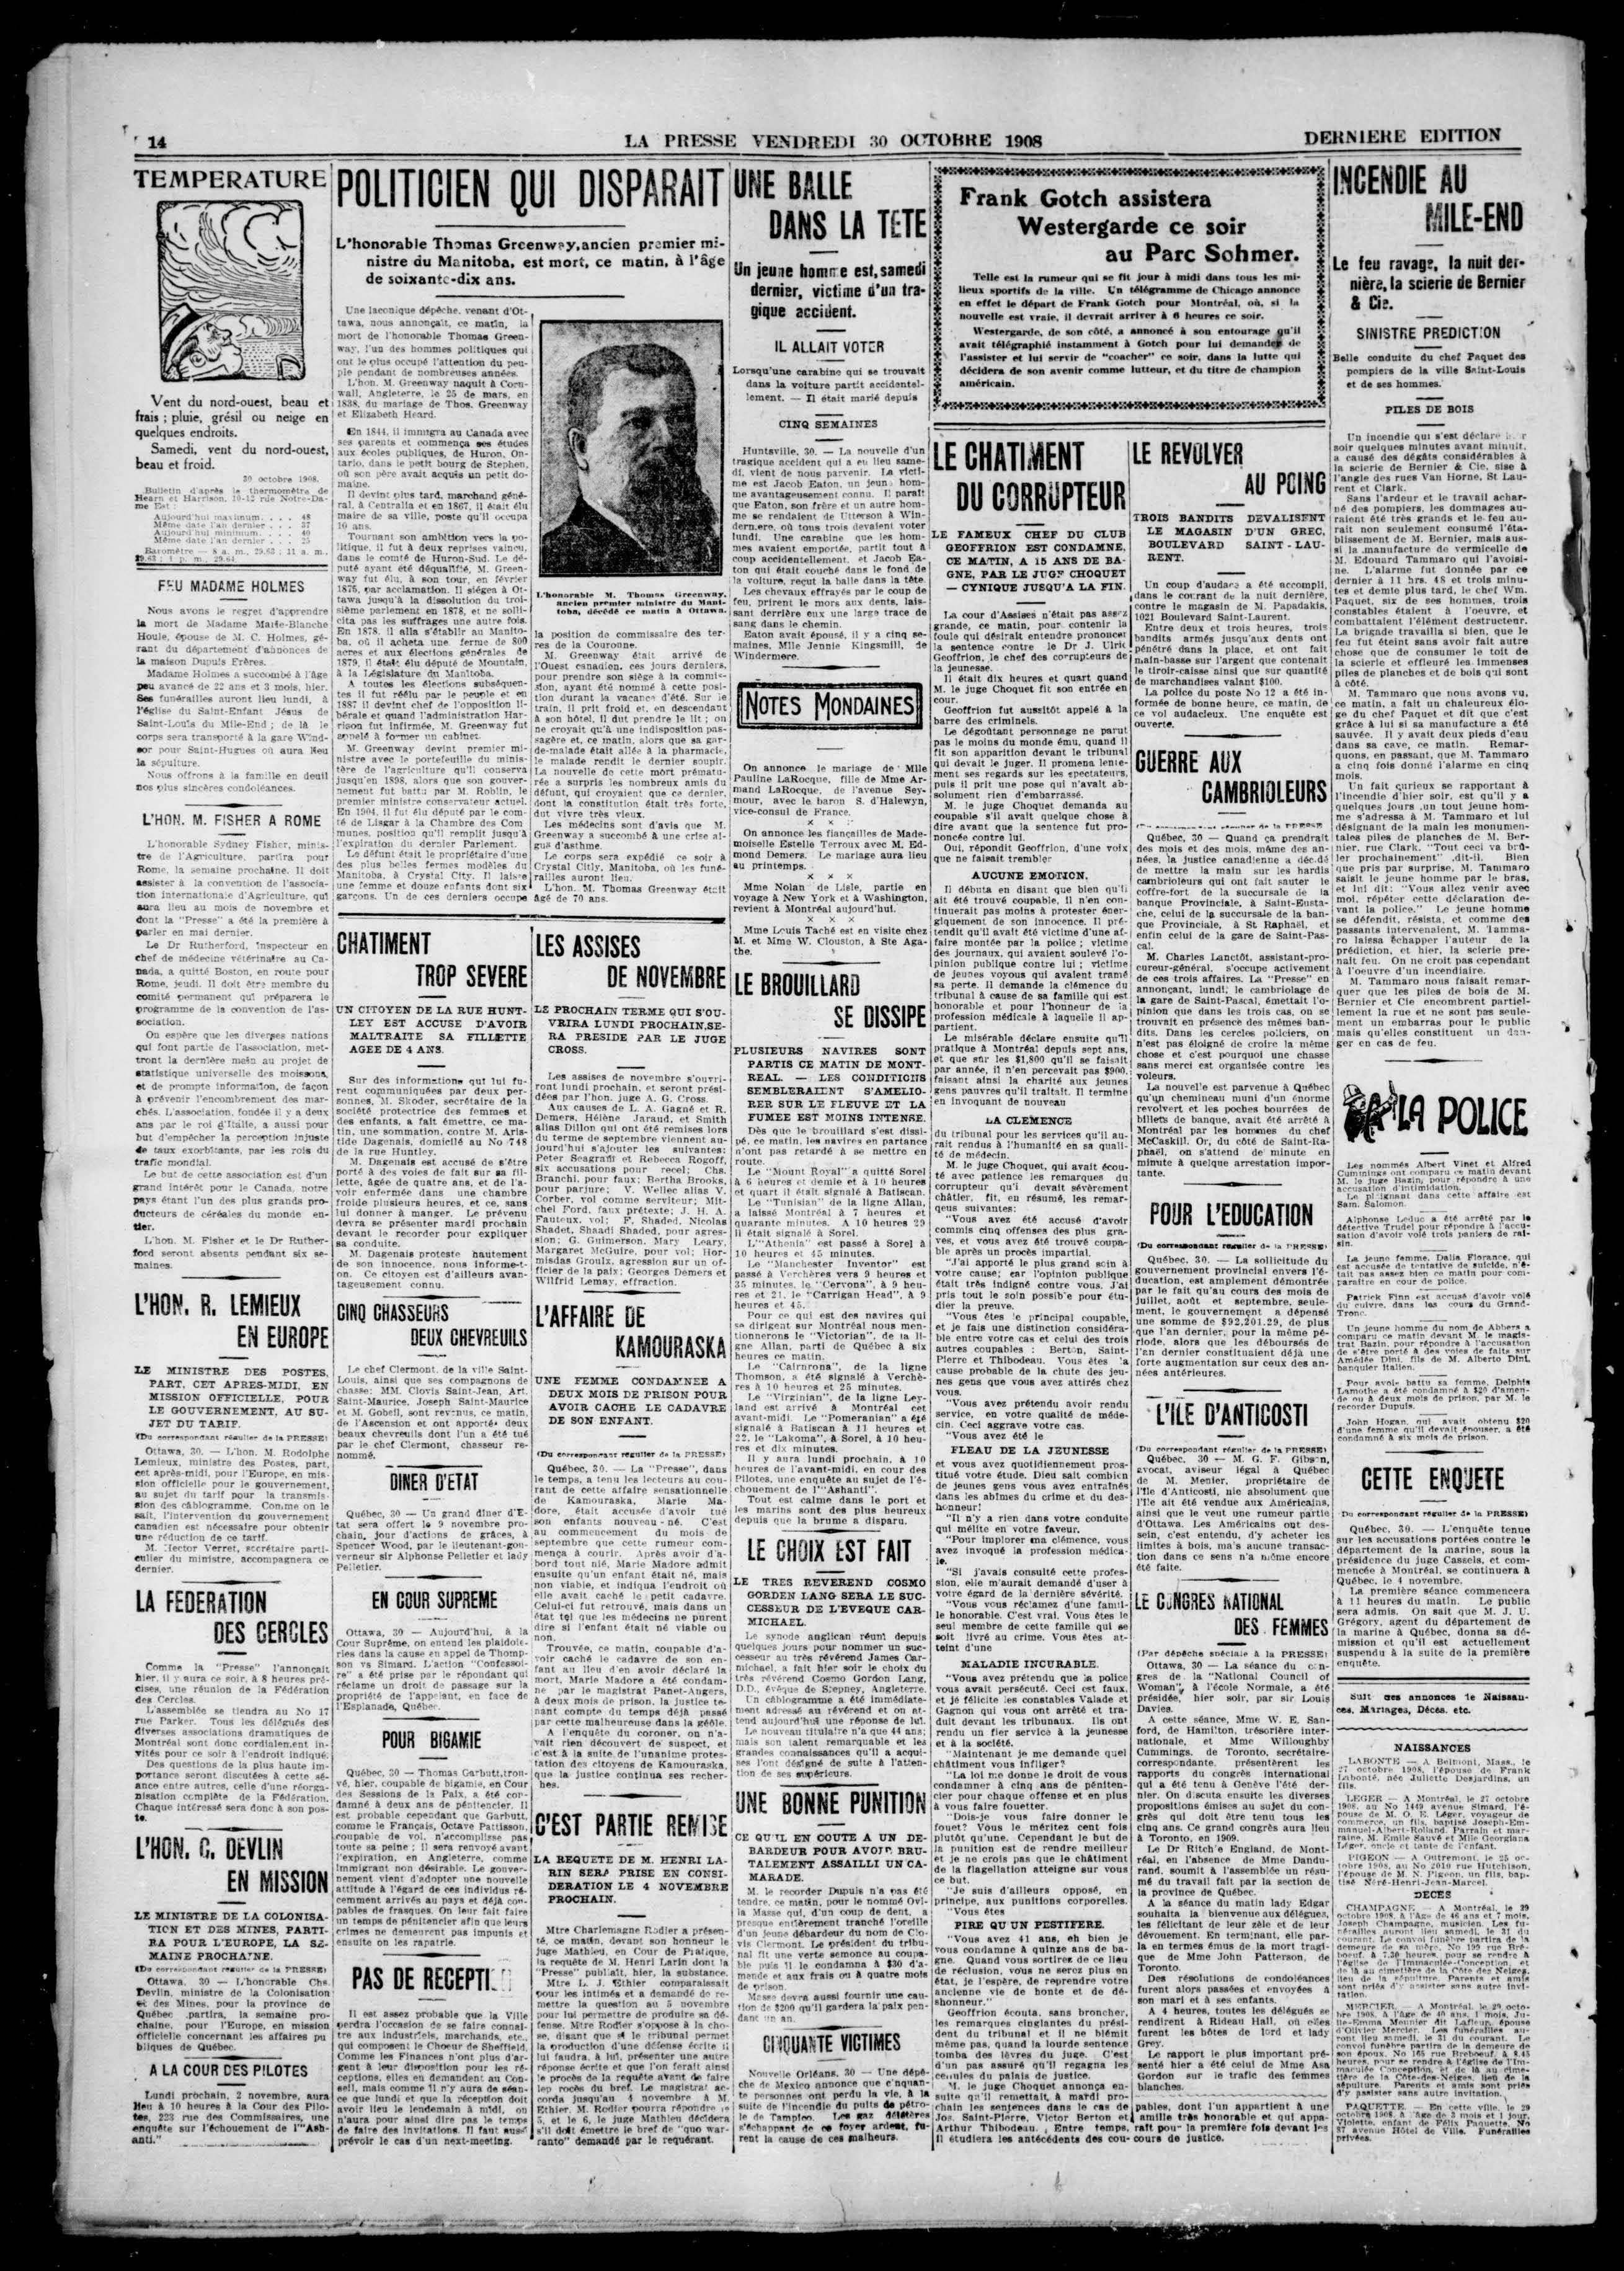 Page 14 de La Presse du 30 octobre 1908 comprenant un article sur la condamnation du Dr Geoffrion